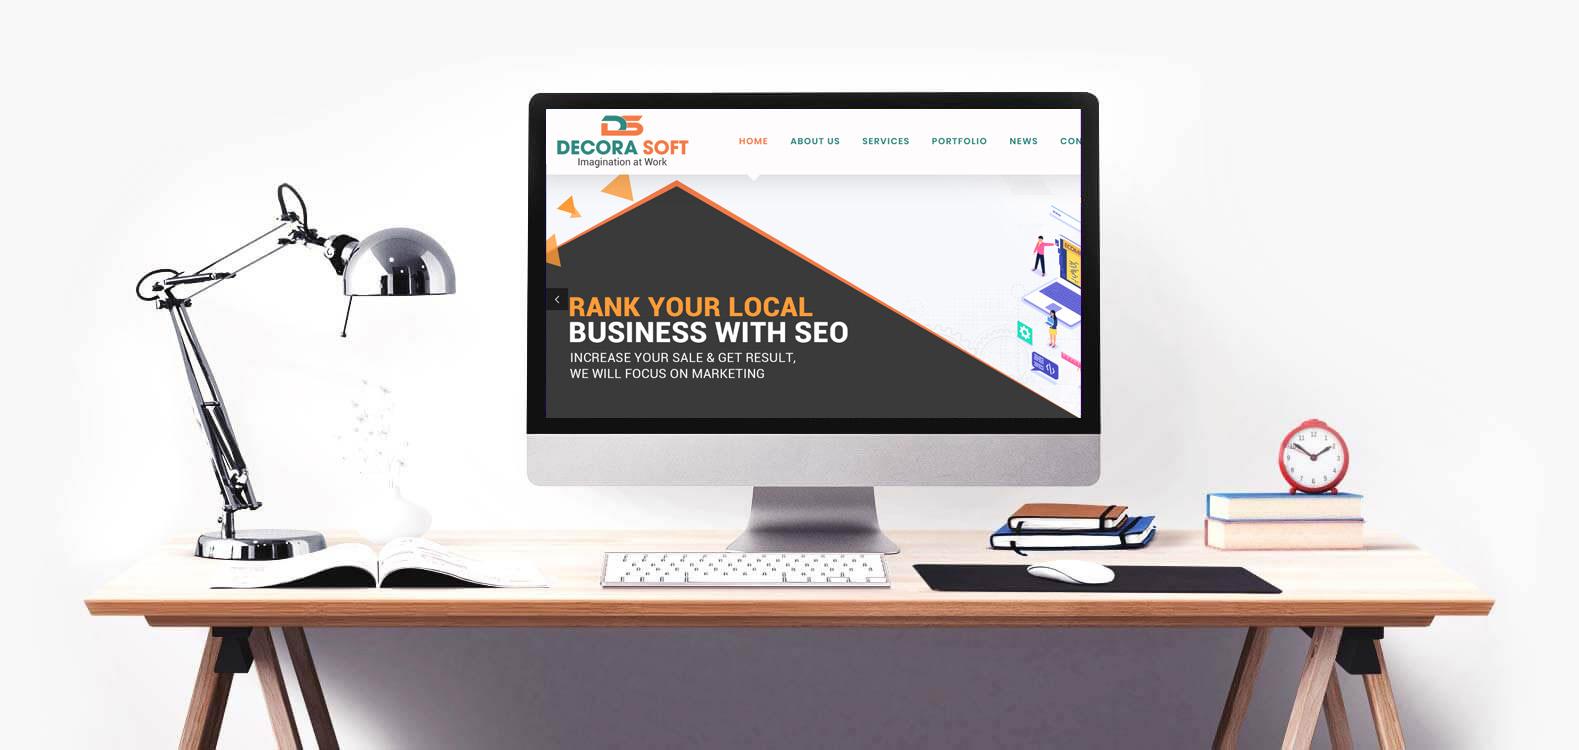 Desktop and Mobile Websites